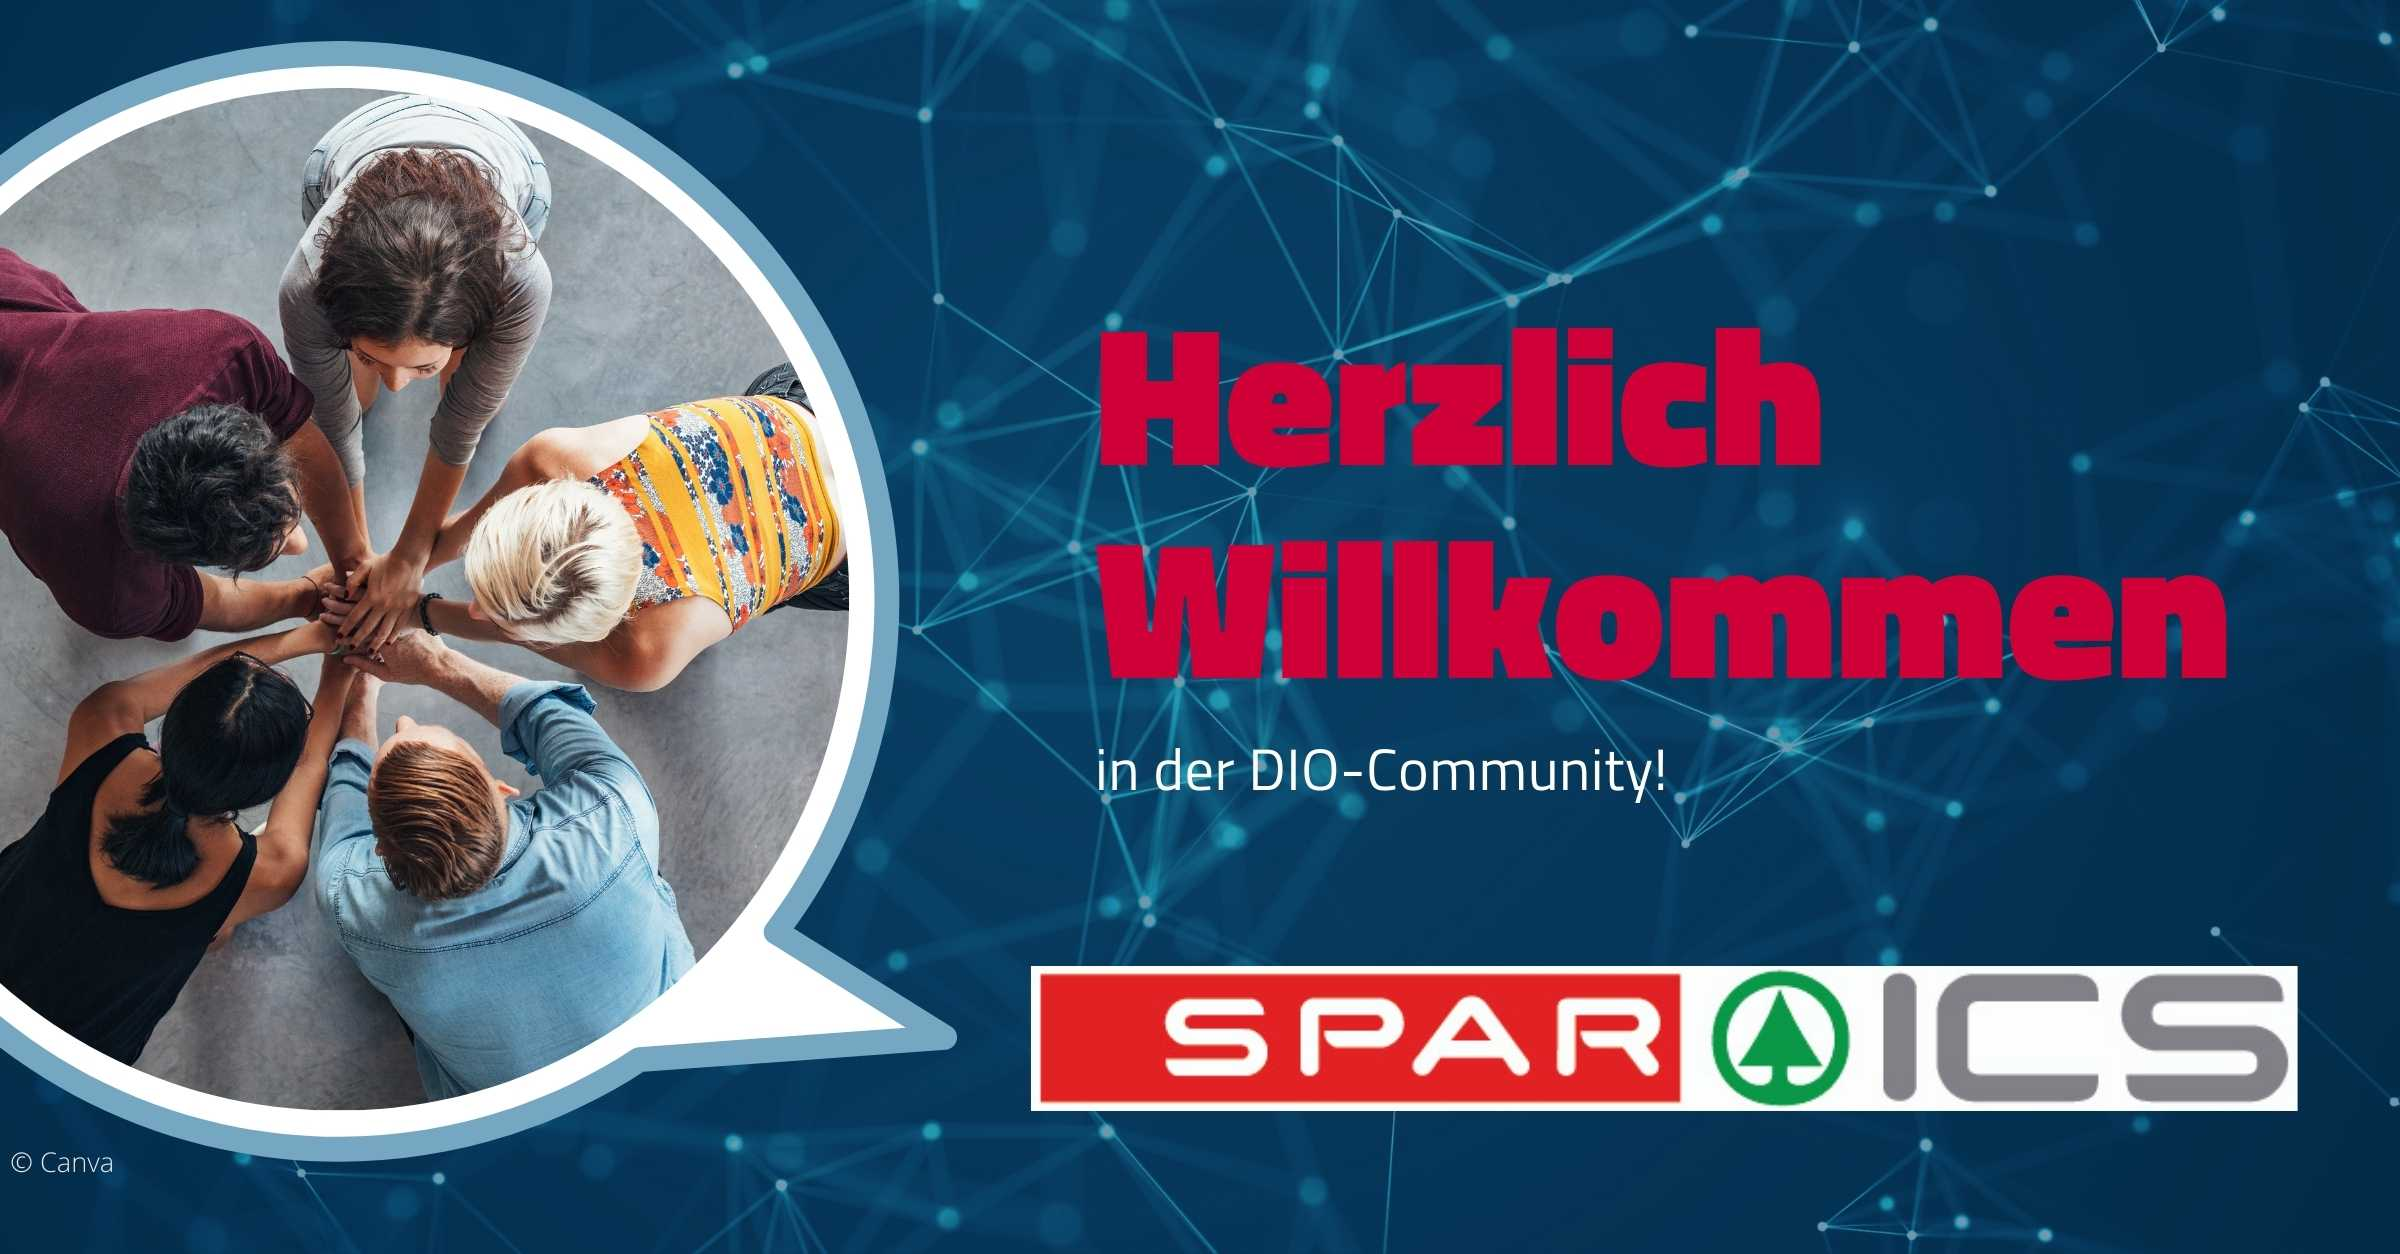 Beitragsbild mit den Worten Herzlich Willkommen in der DIO Community SPAR ICS